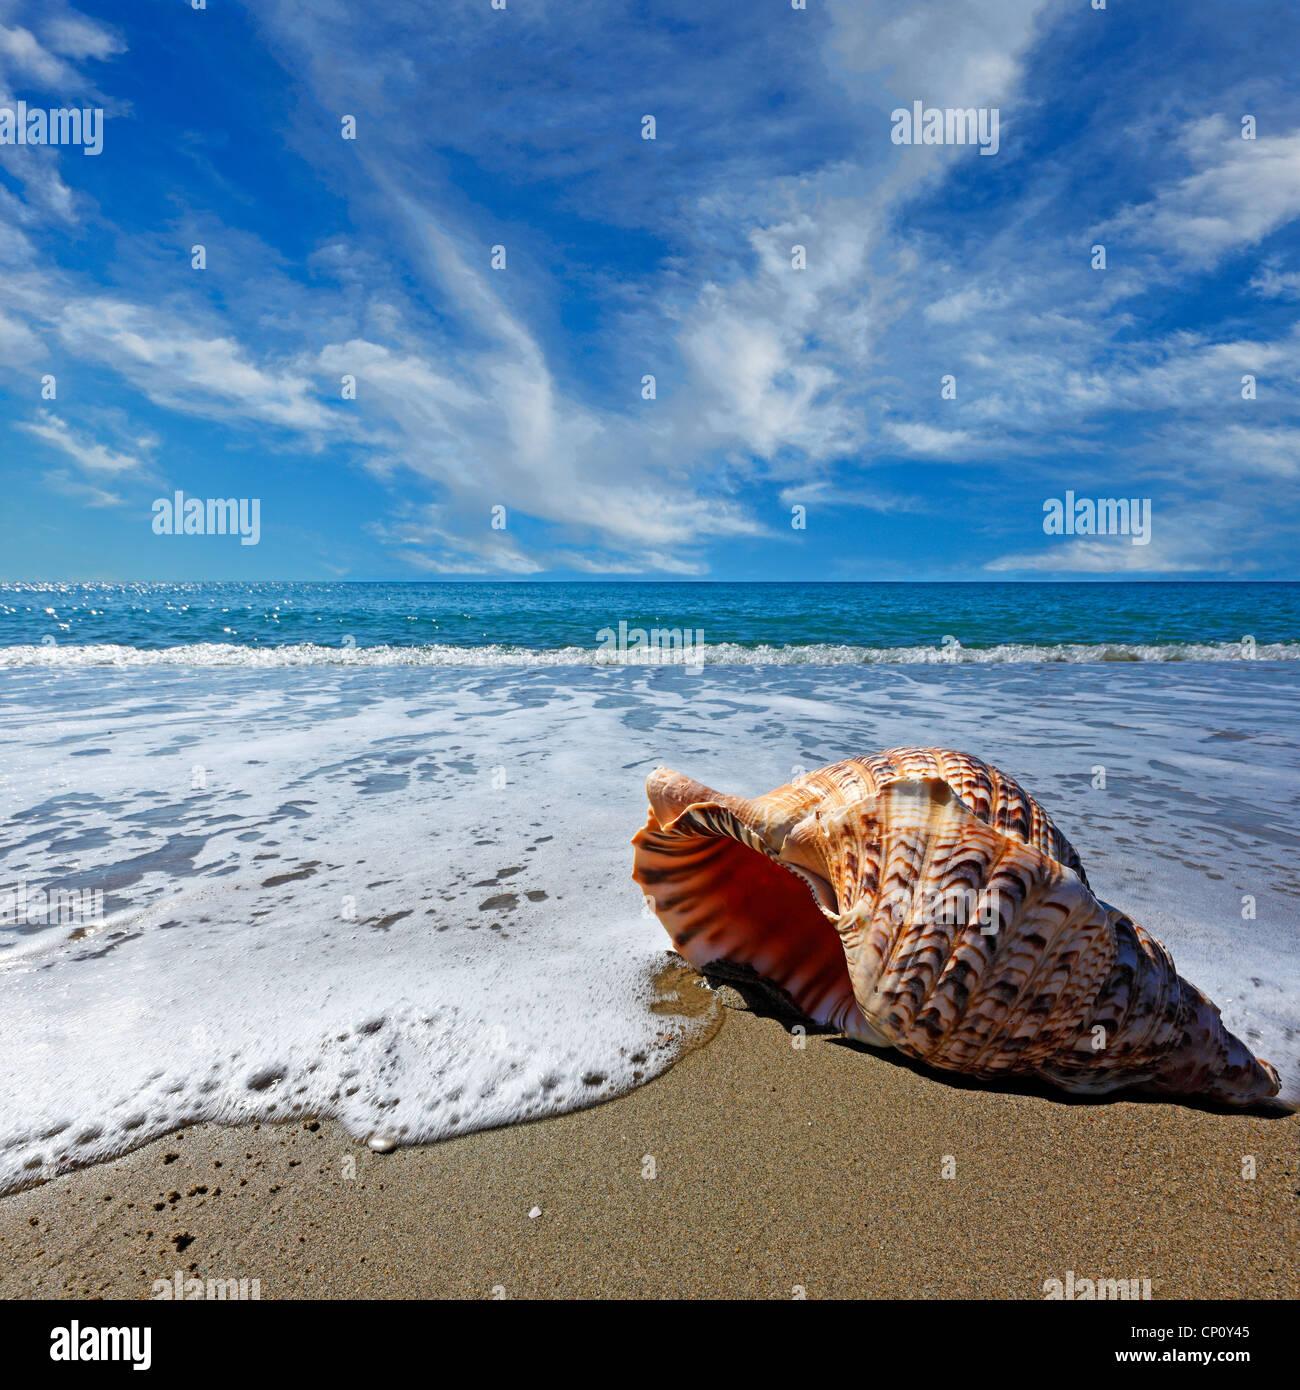 Playa con caracola bajo un cielo azul Imagen De Stock